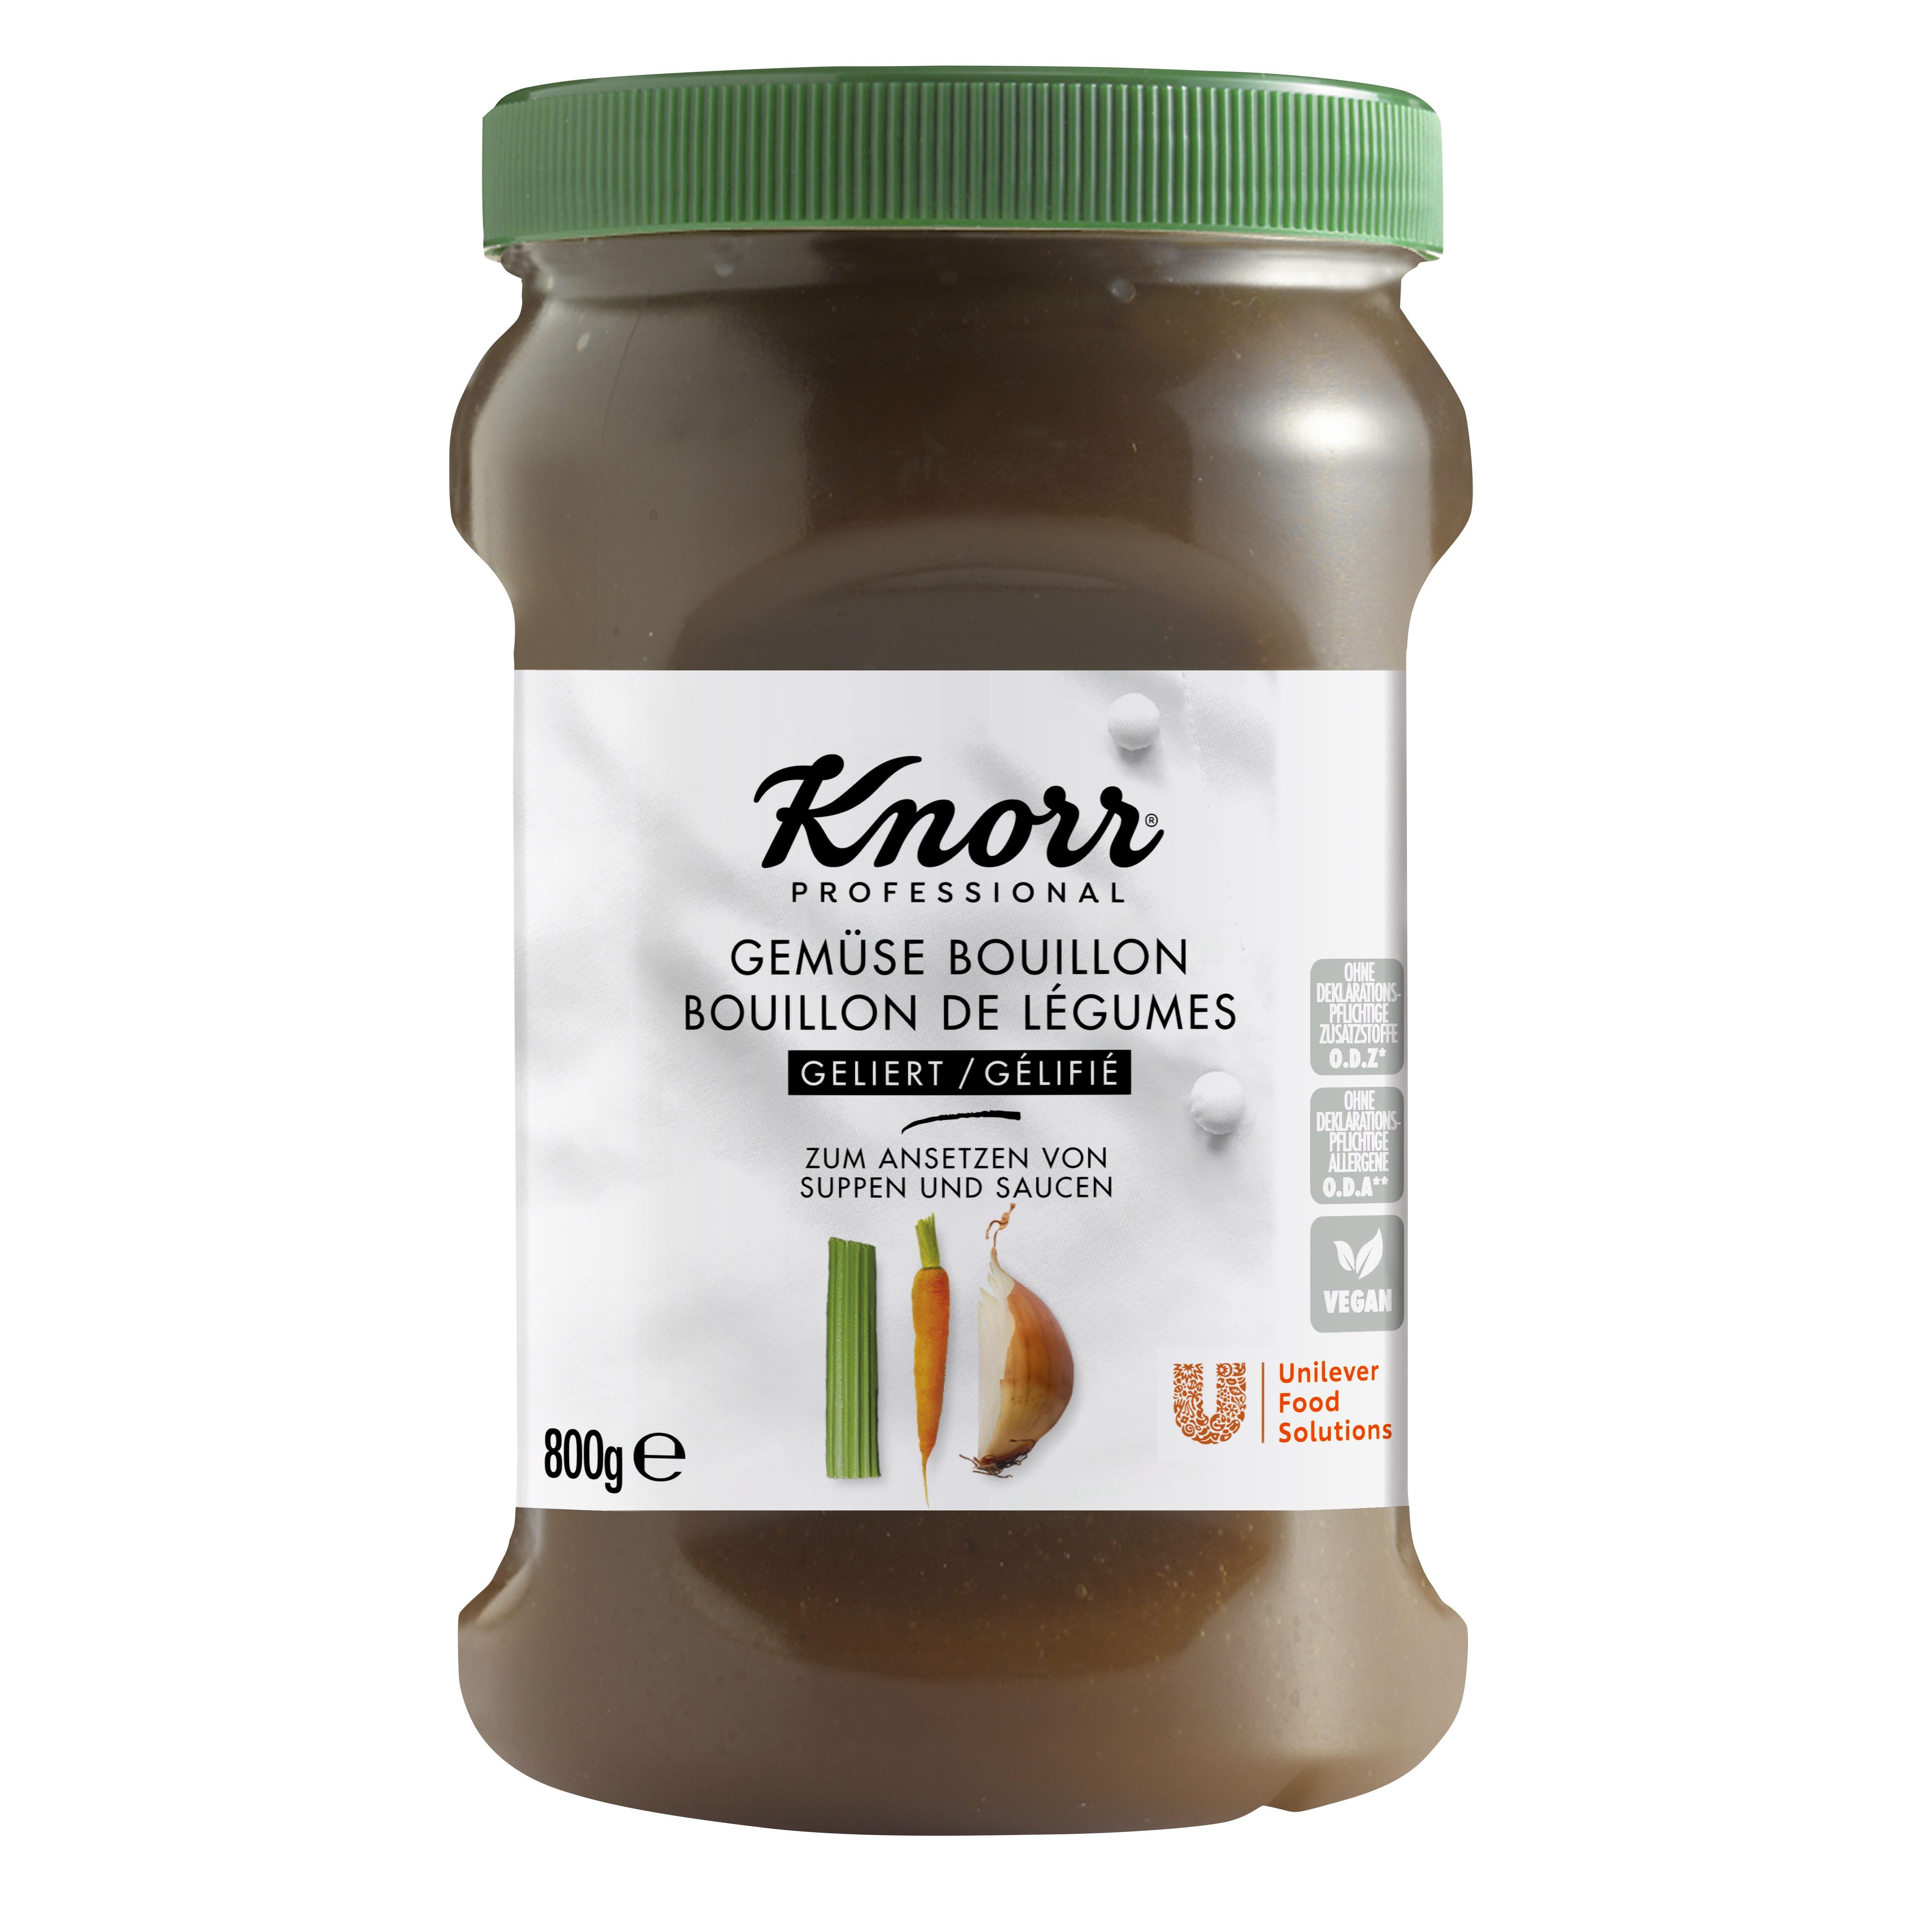 Knorr Professional reducirana zelenjavna osnova 800 g